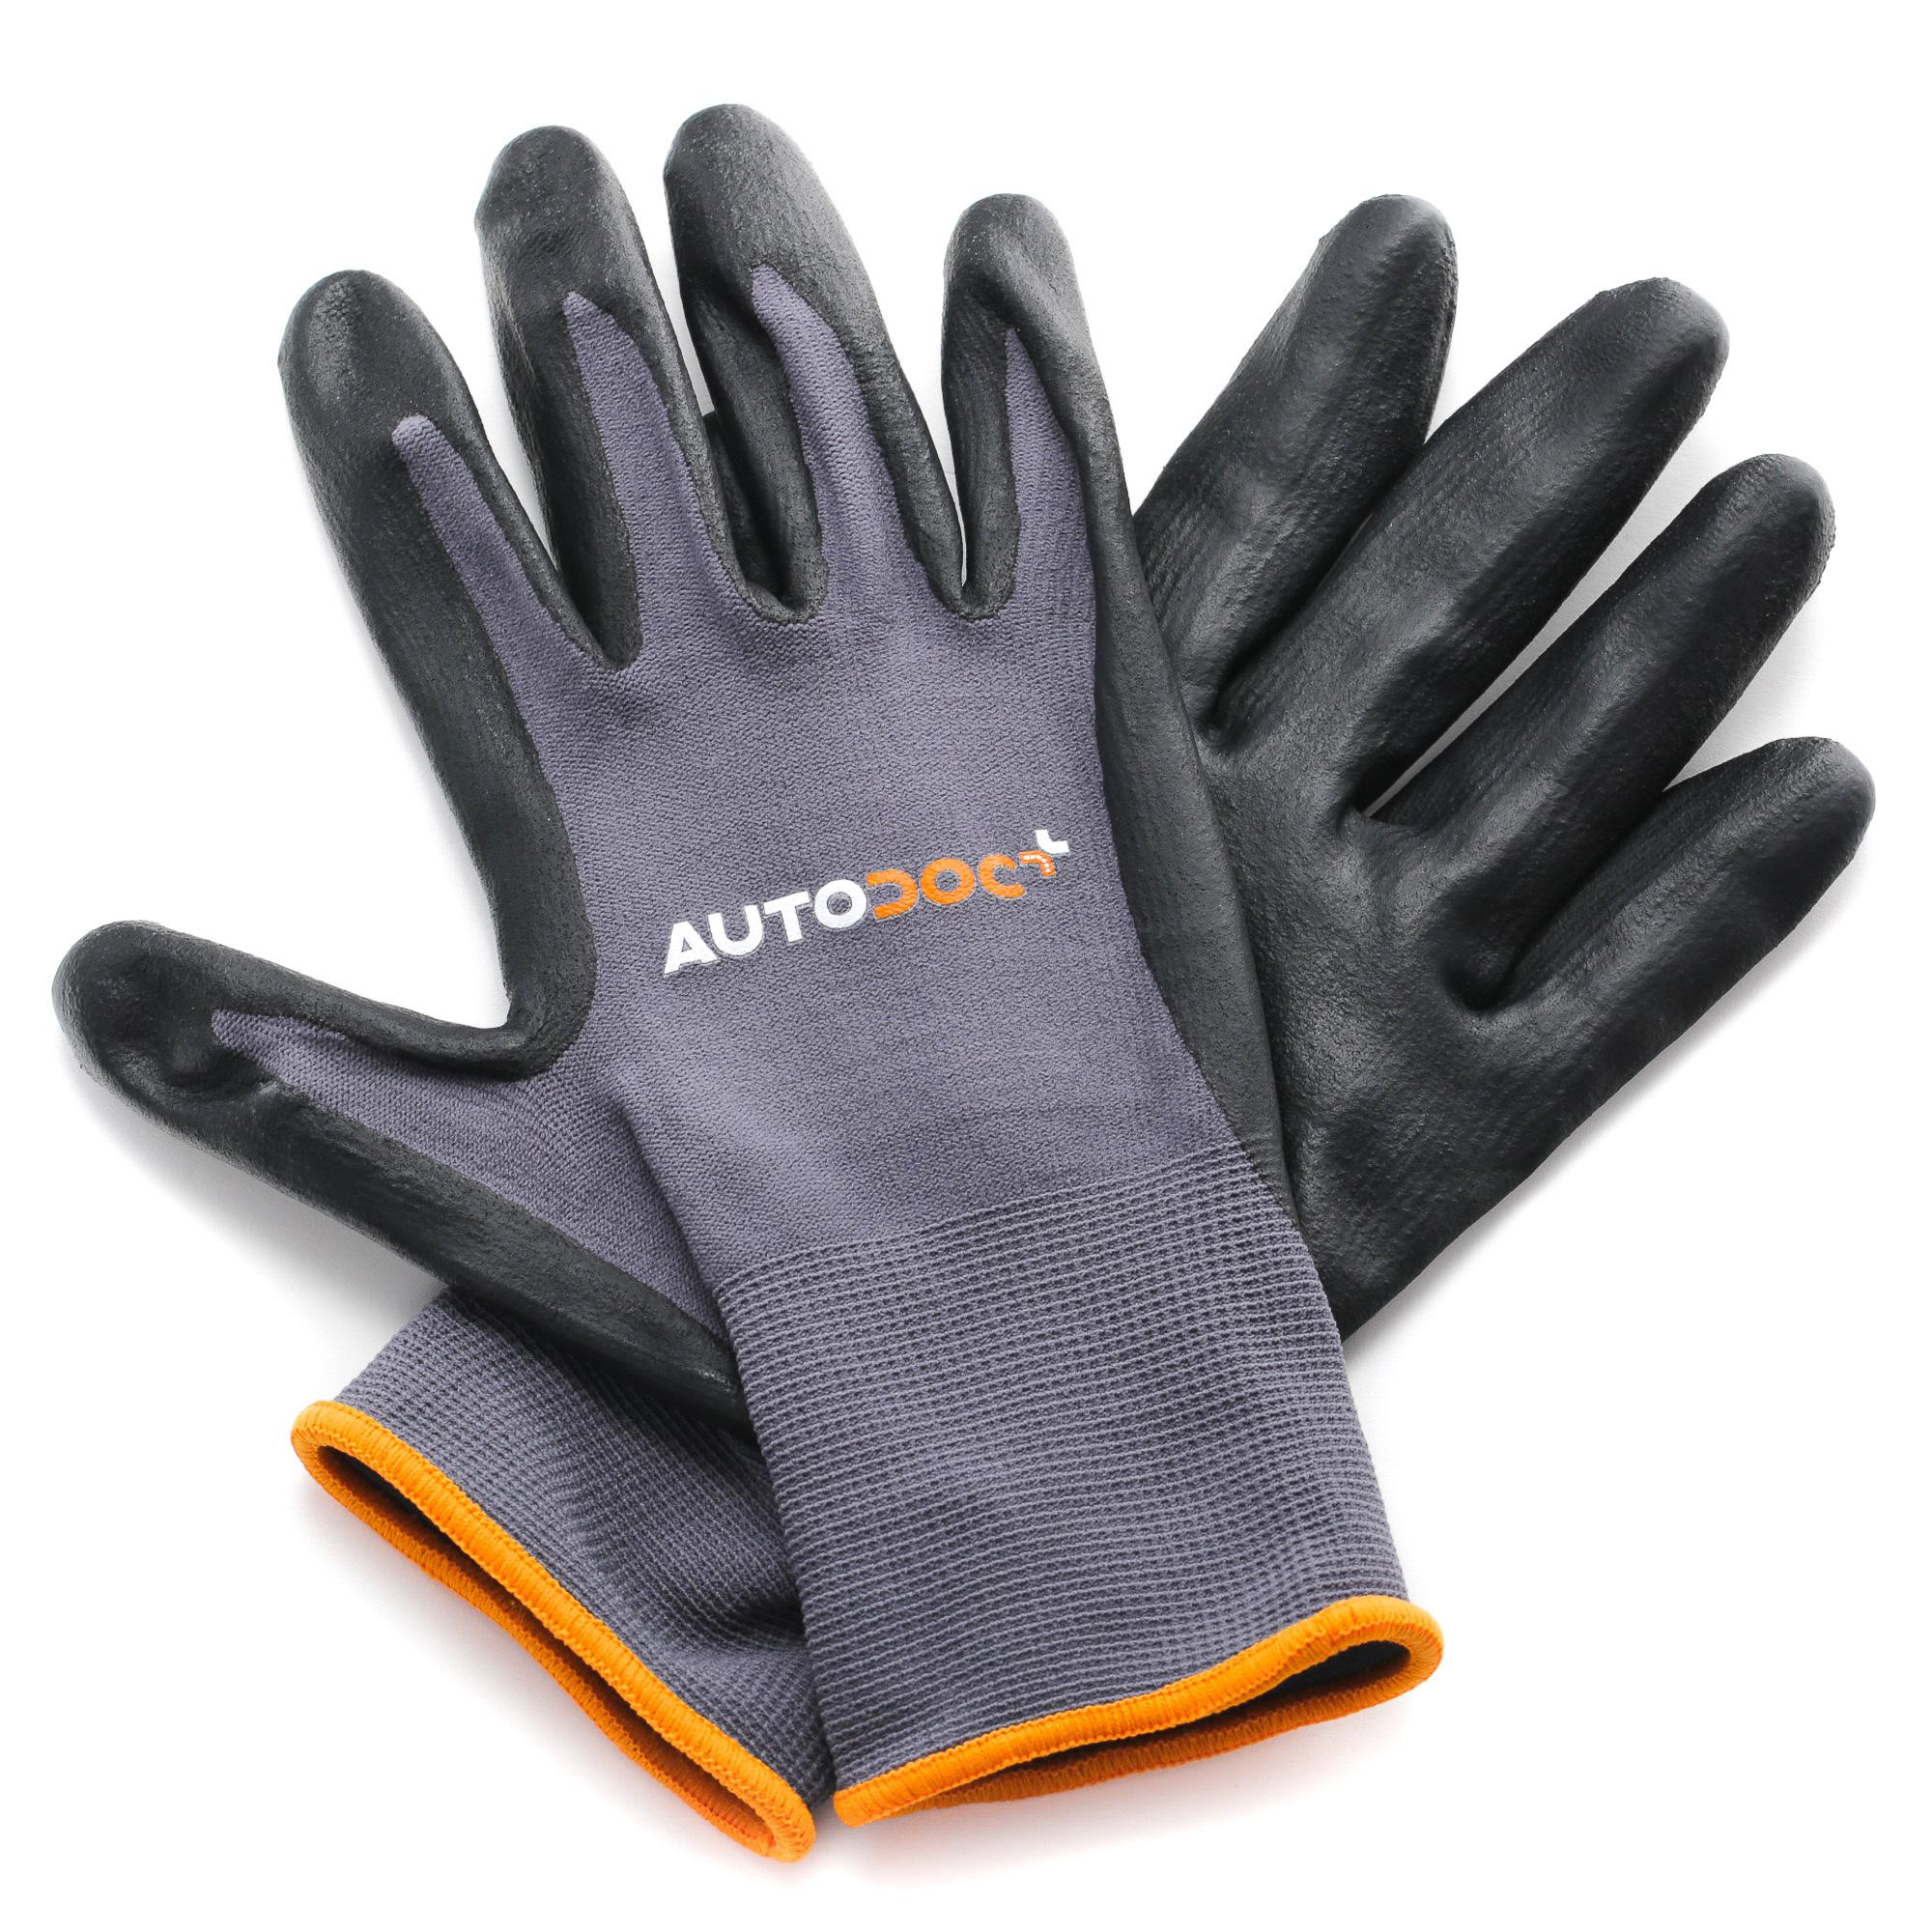 Защитни ръкавици ADP-00000001 AUTODOC PRO ADP-00000001 в оригиналното качество